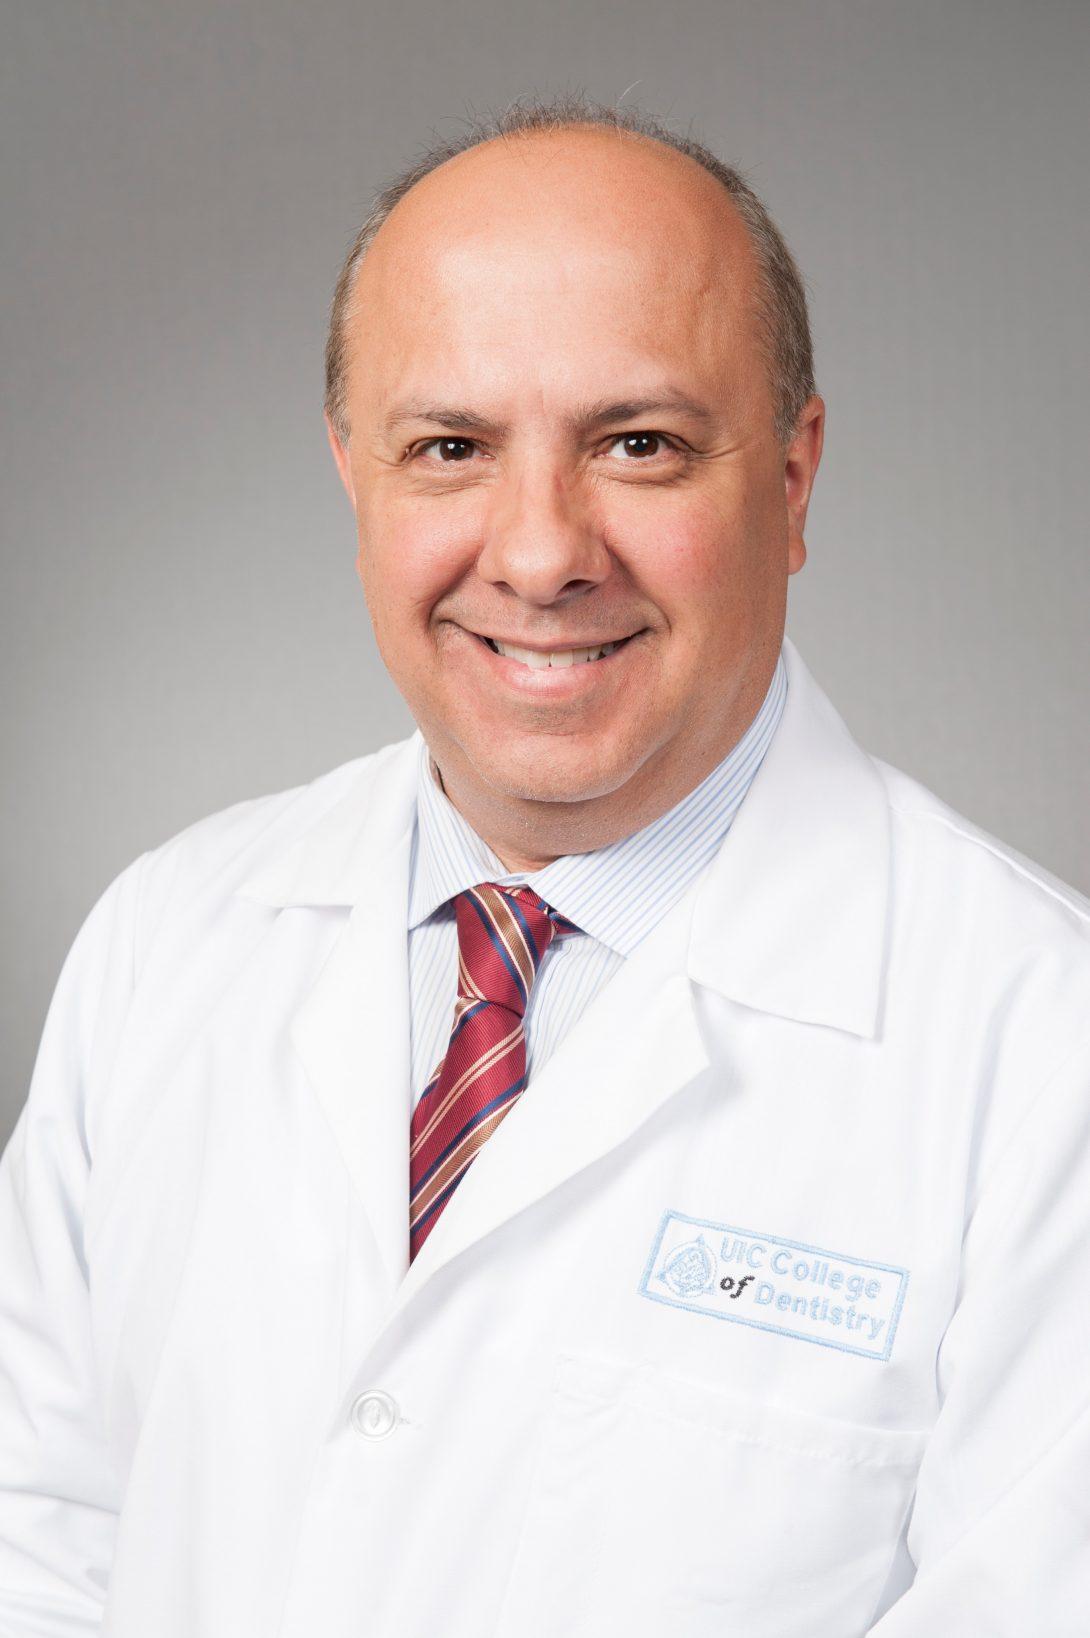 Dr. Opperman portrait